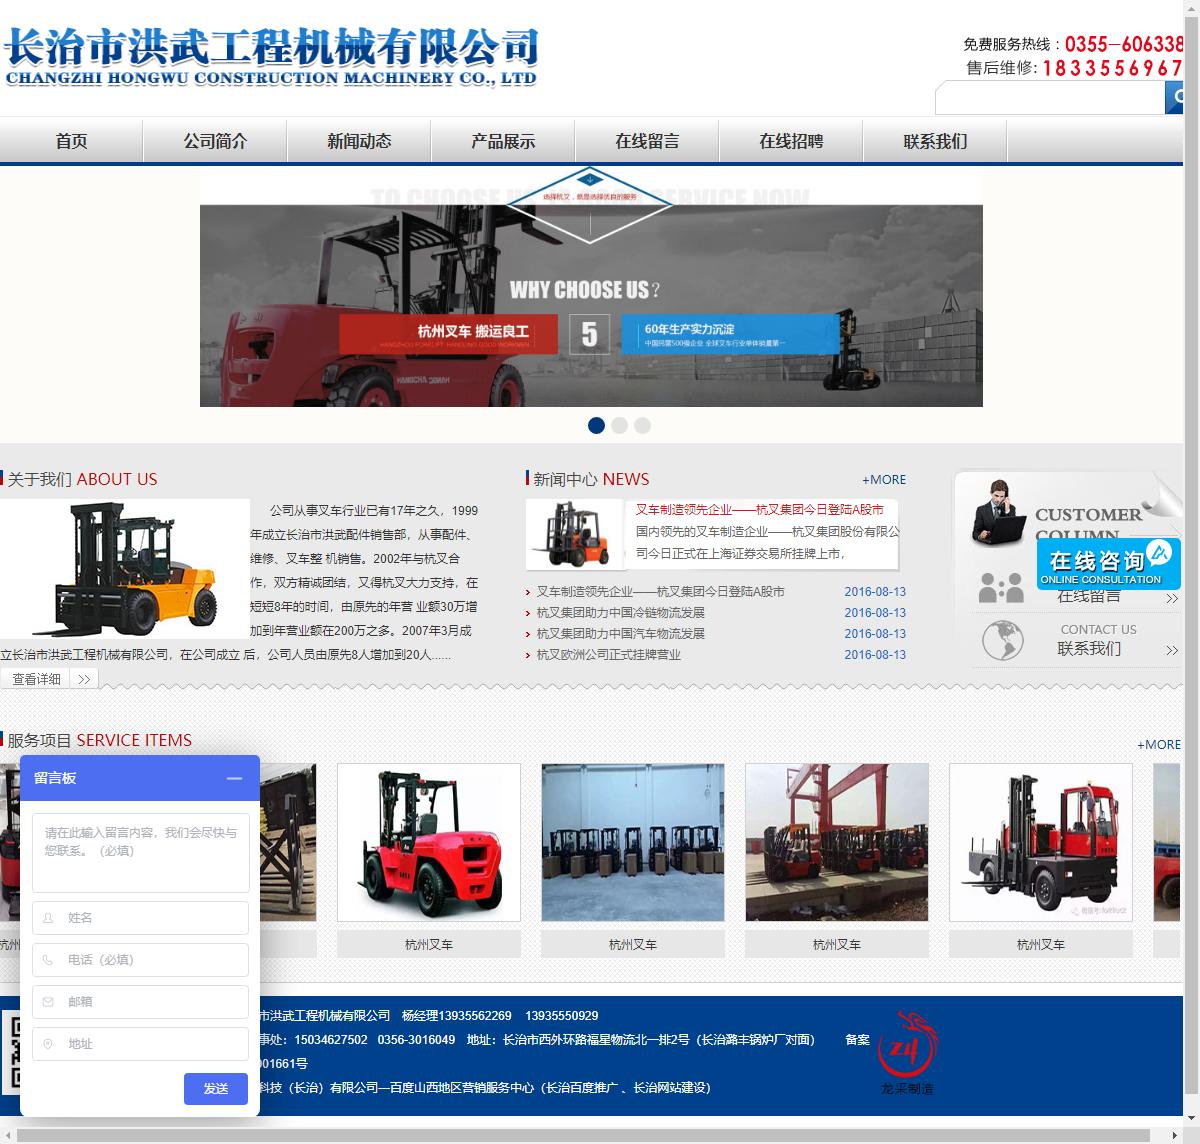 长治市洪武工程机械有限公司网站案例